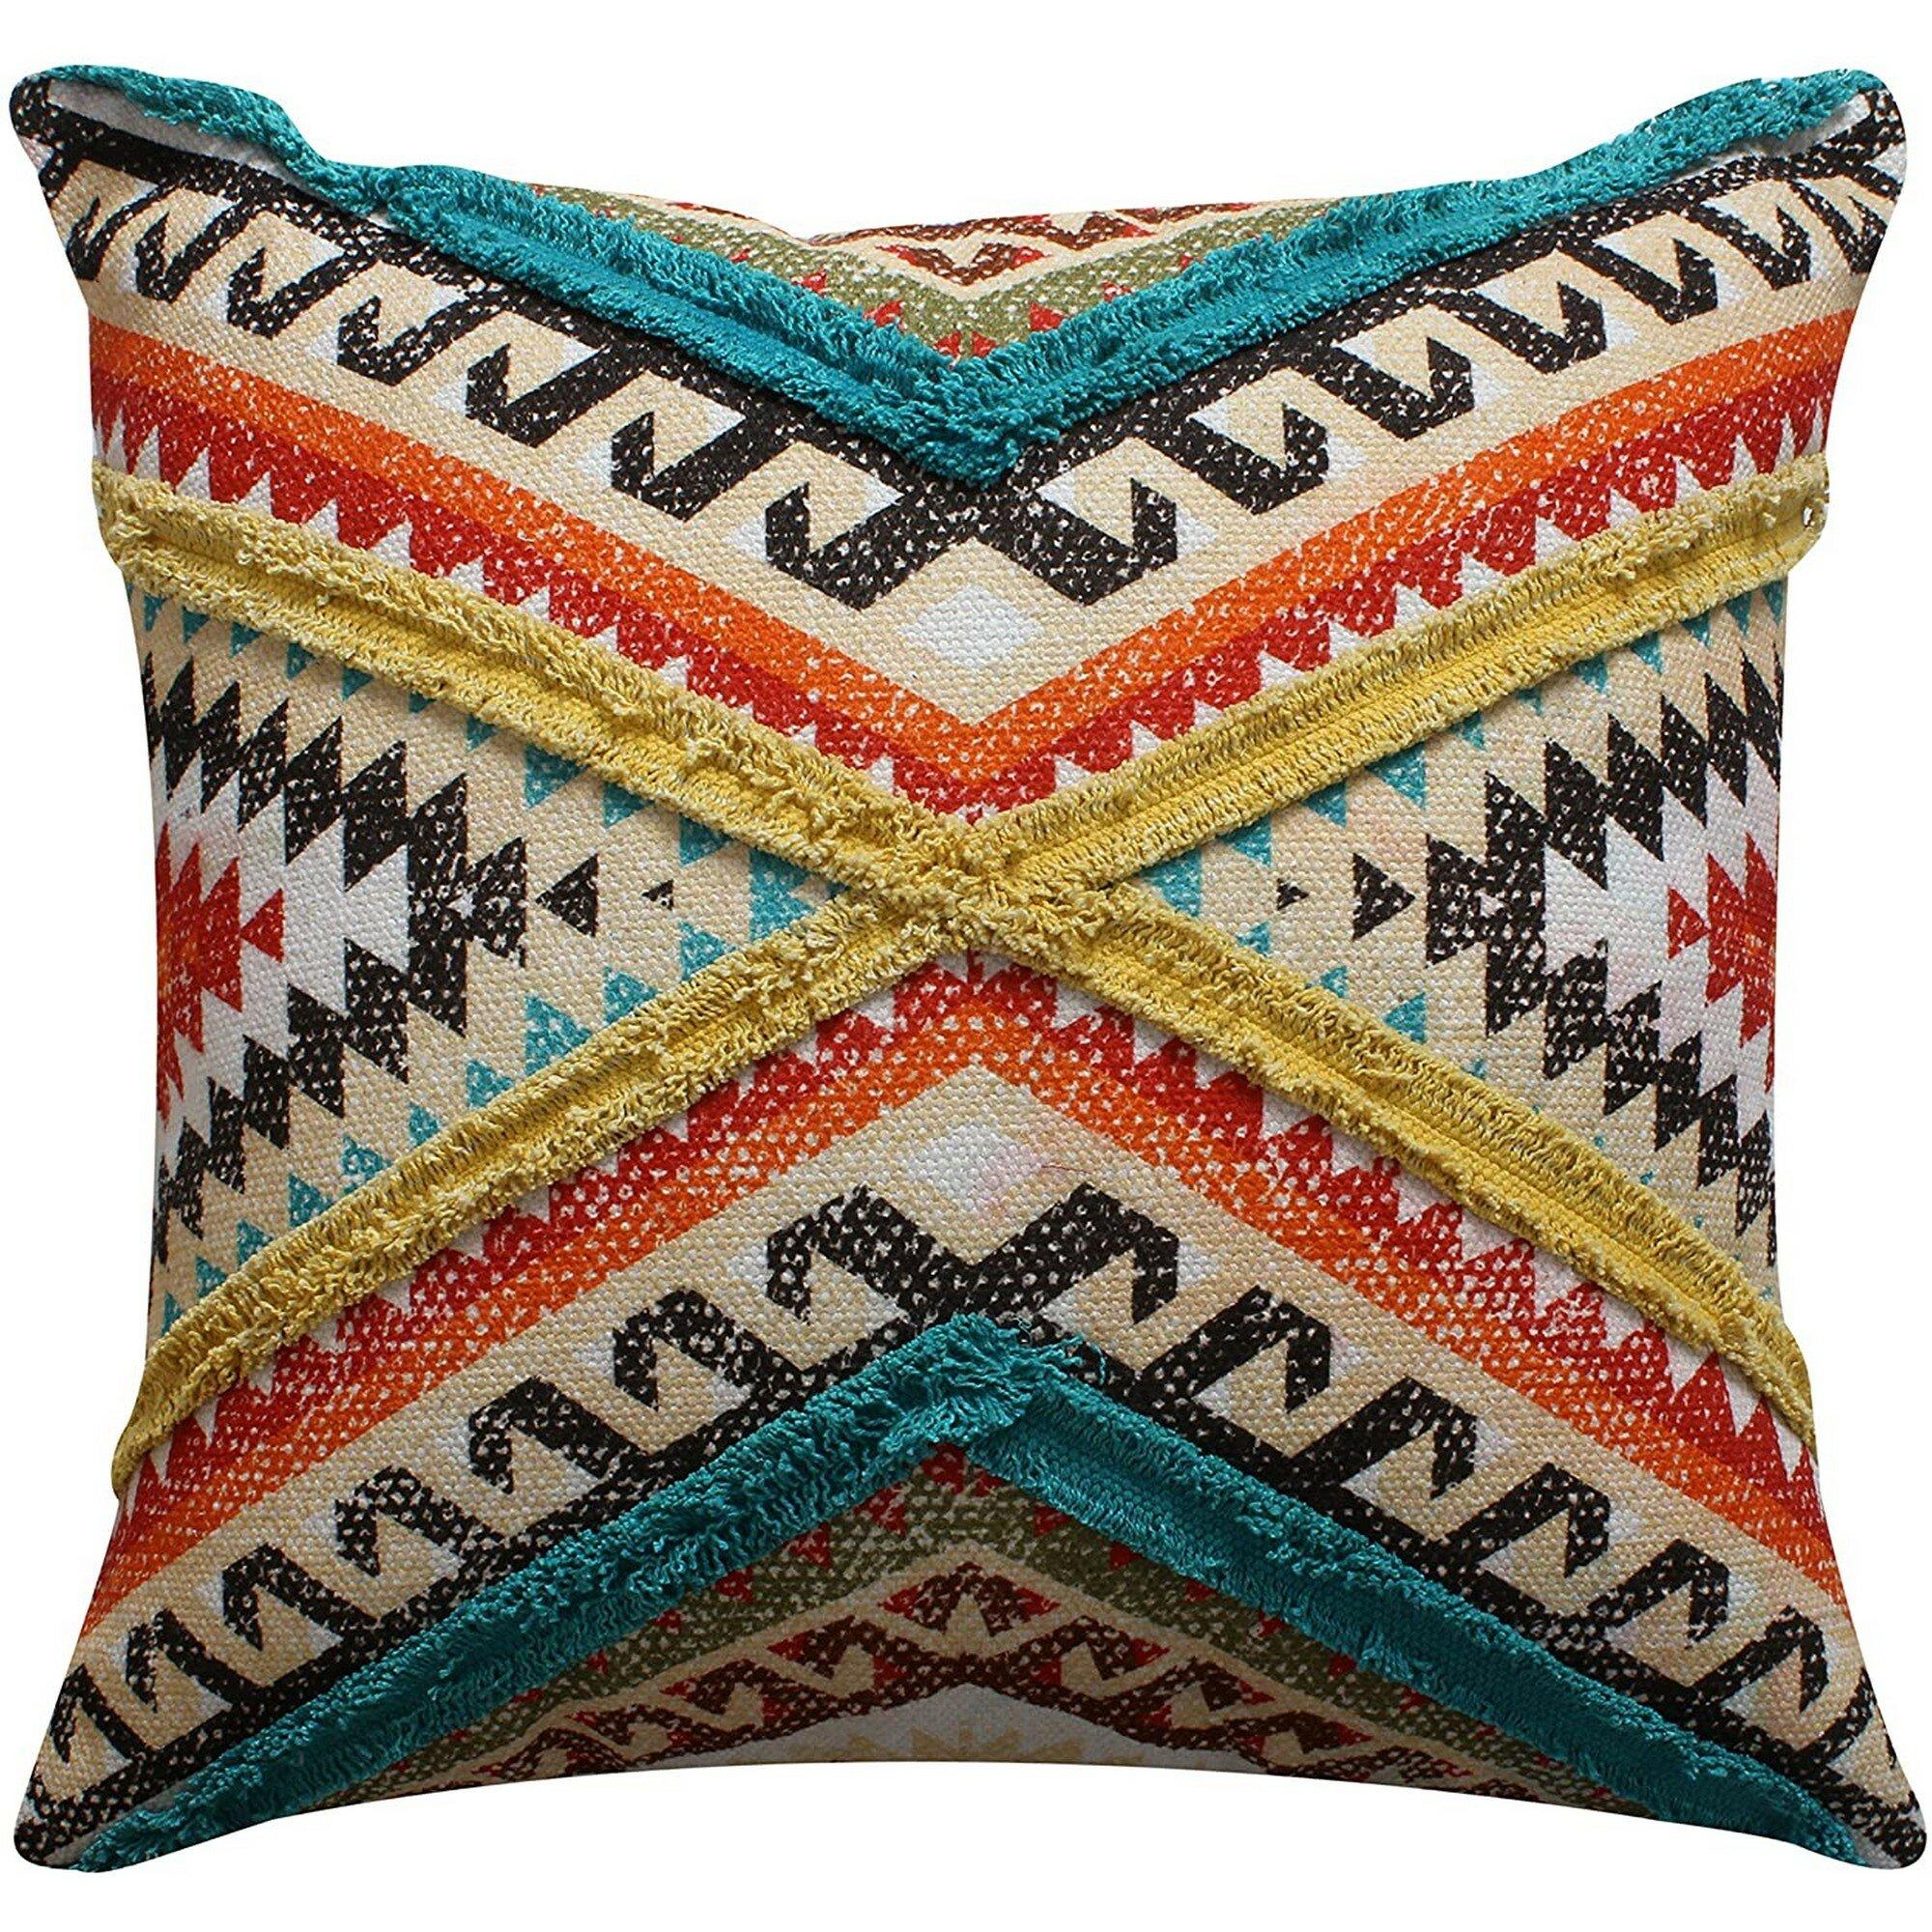 Benjara 5 Throw Pillow Cover Wayfair